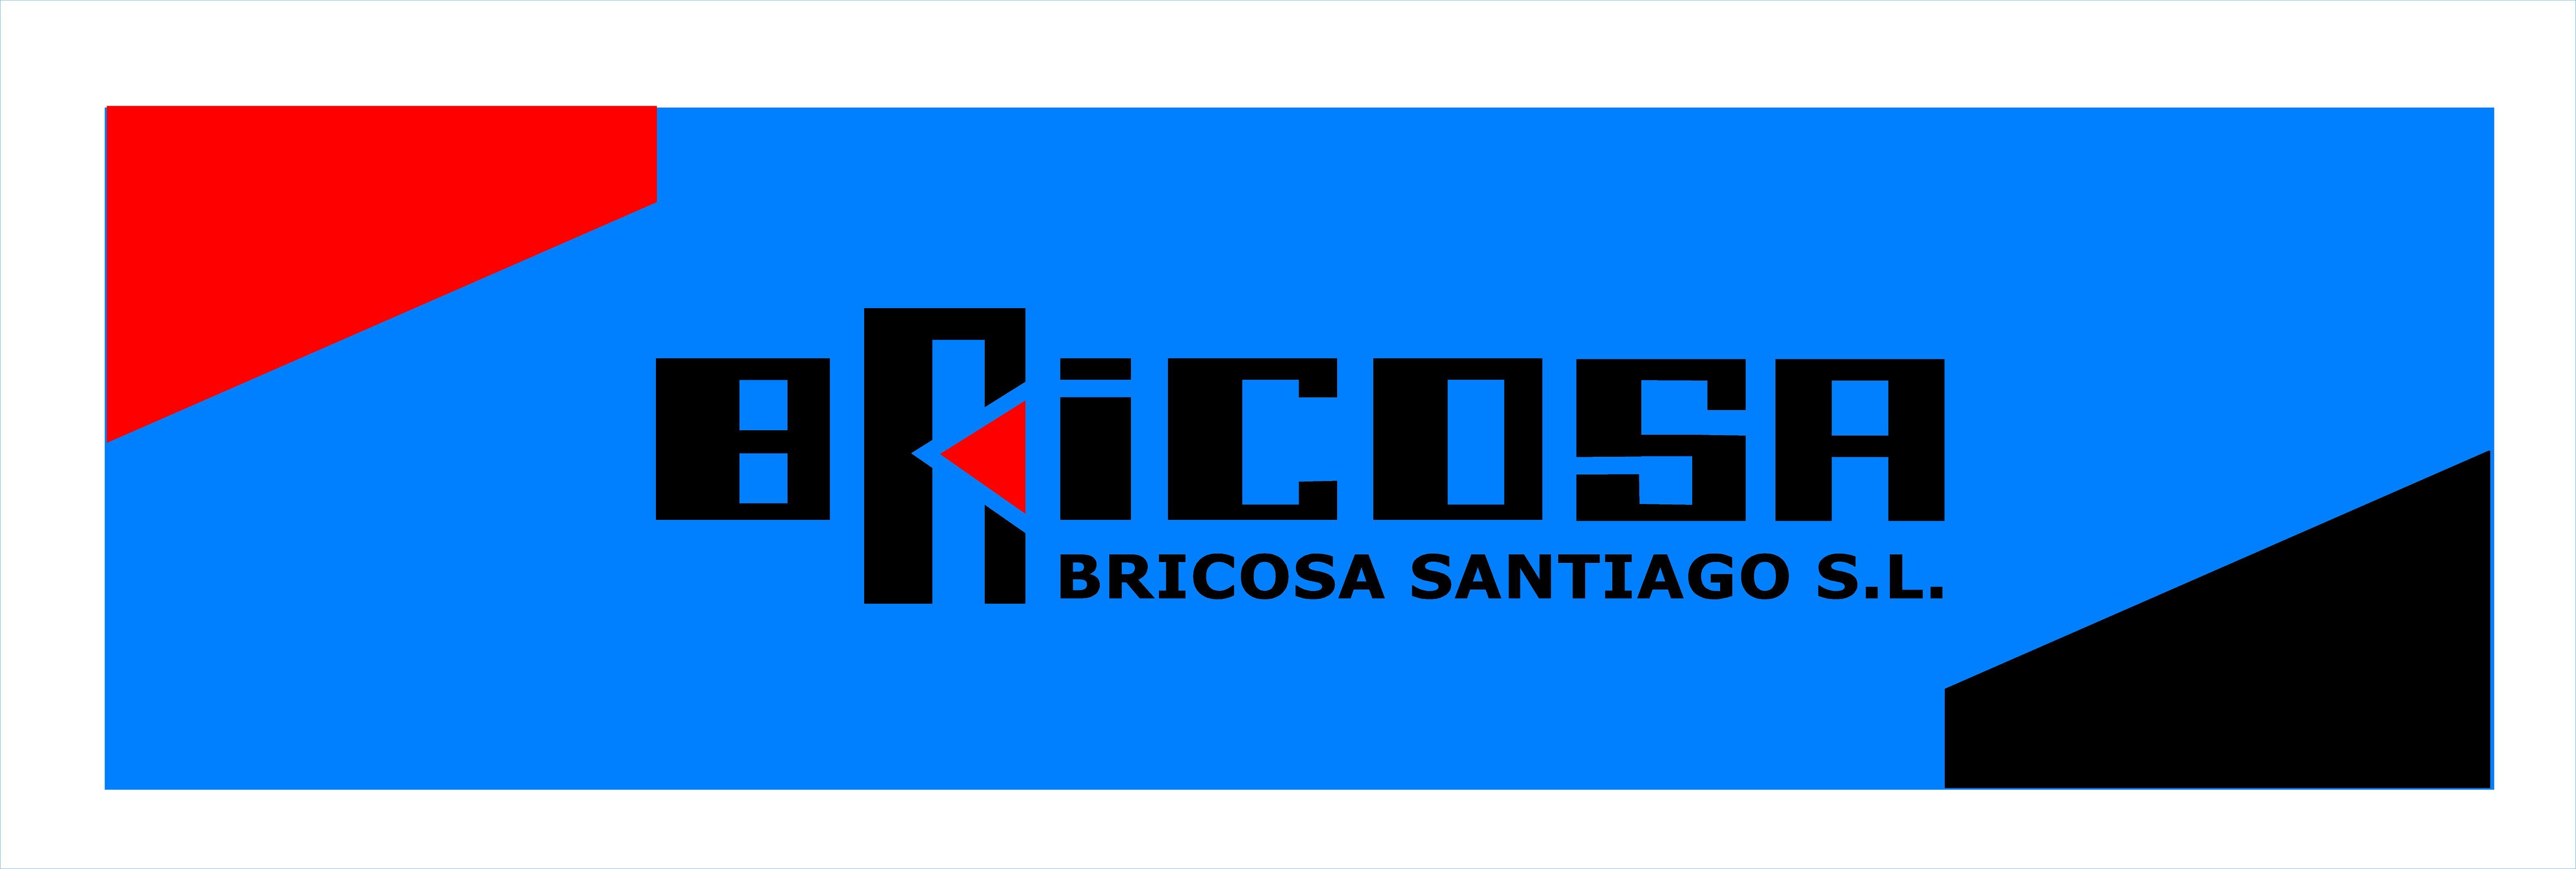 BRICOSA SANTIAGO